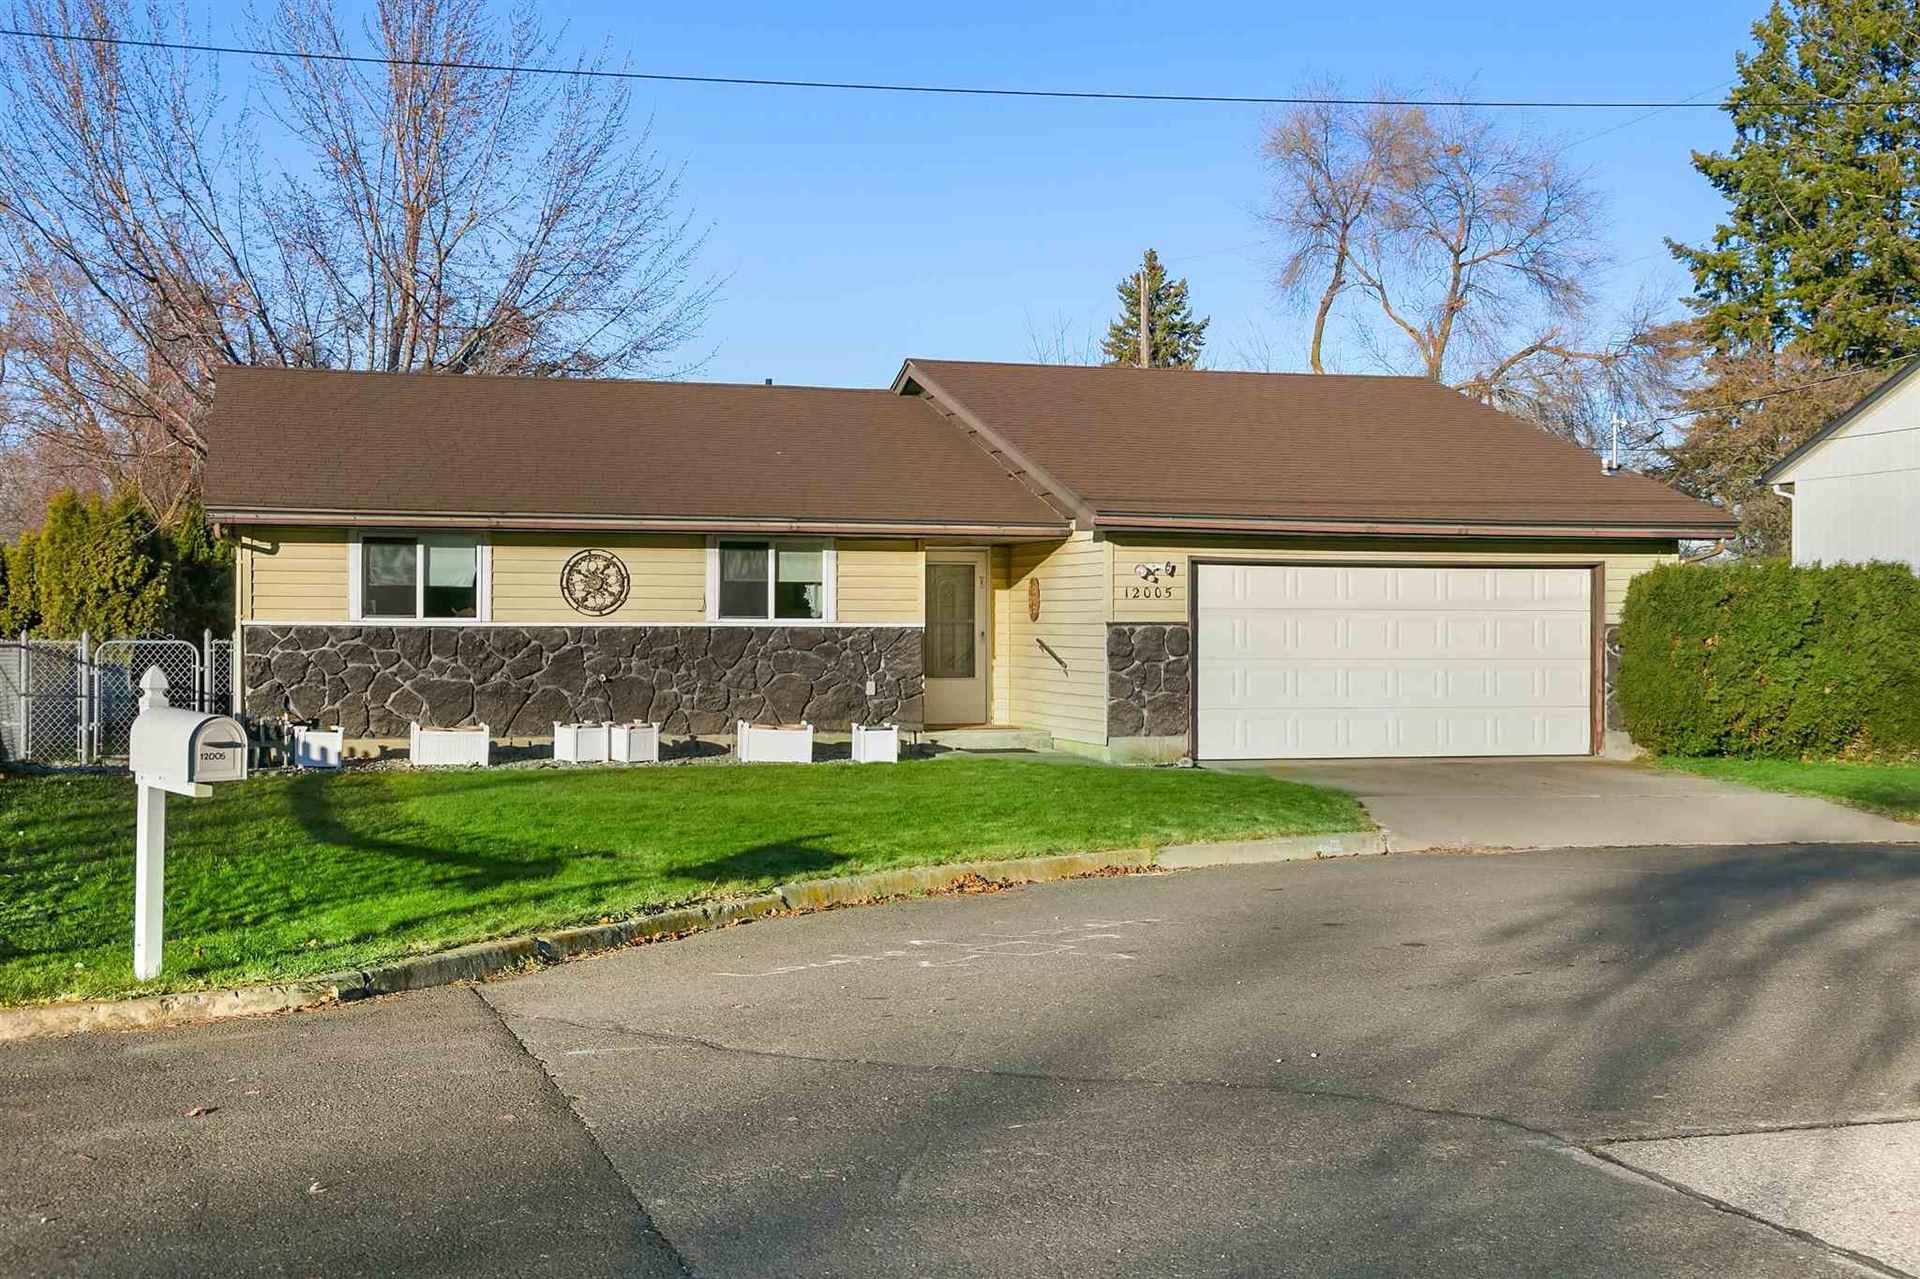 12005 E 5th Ave, Spokane Valley, WA 99206 - #: 202110519